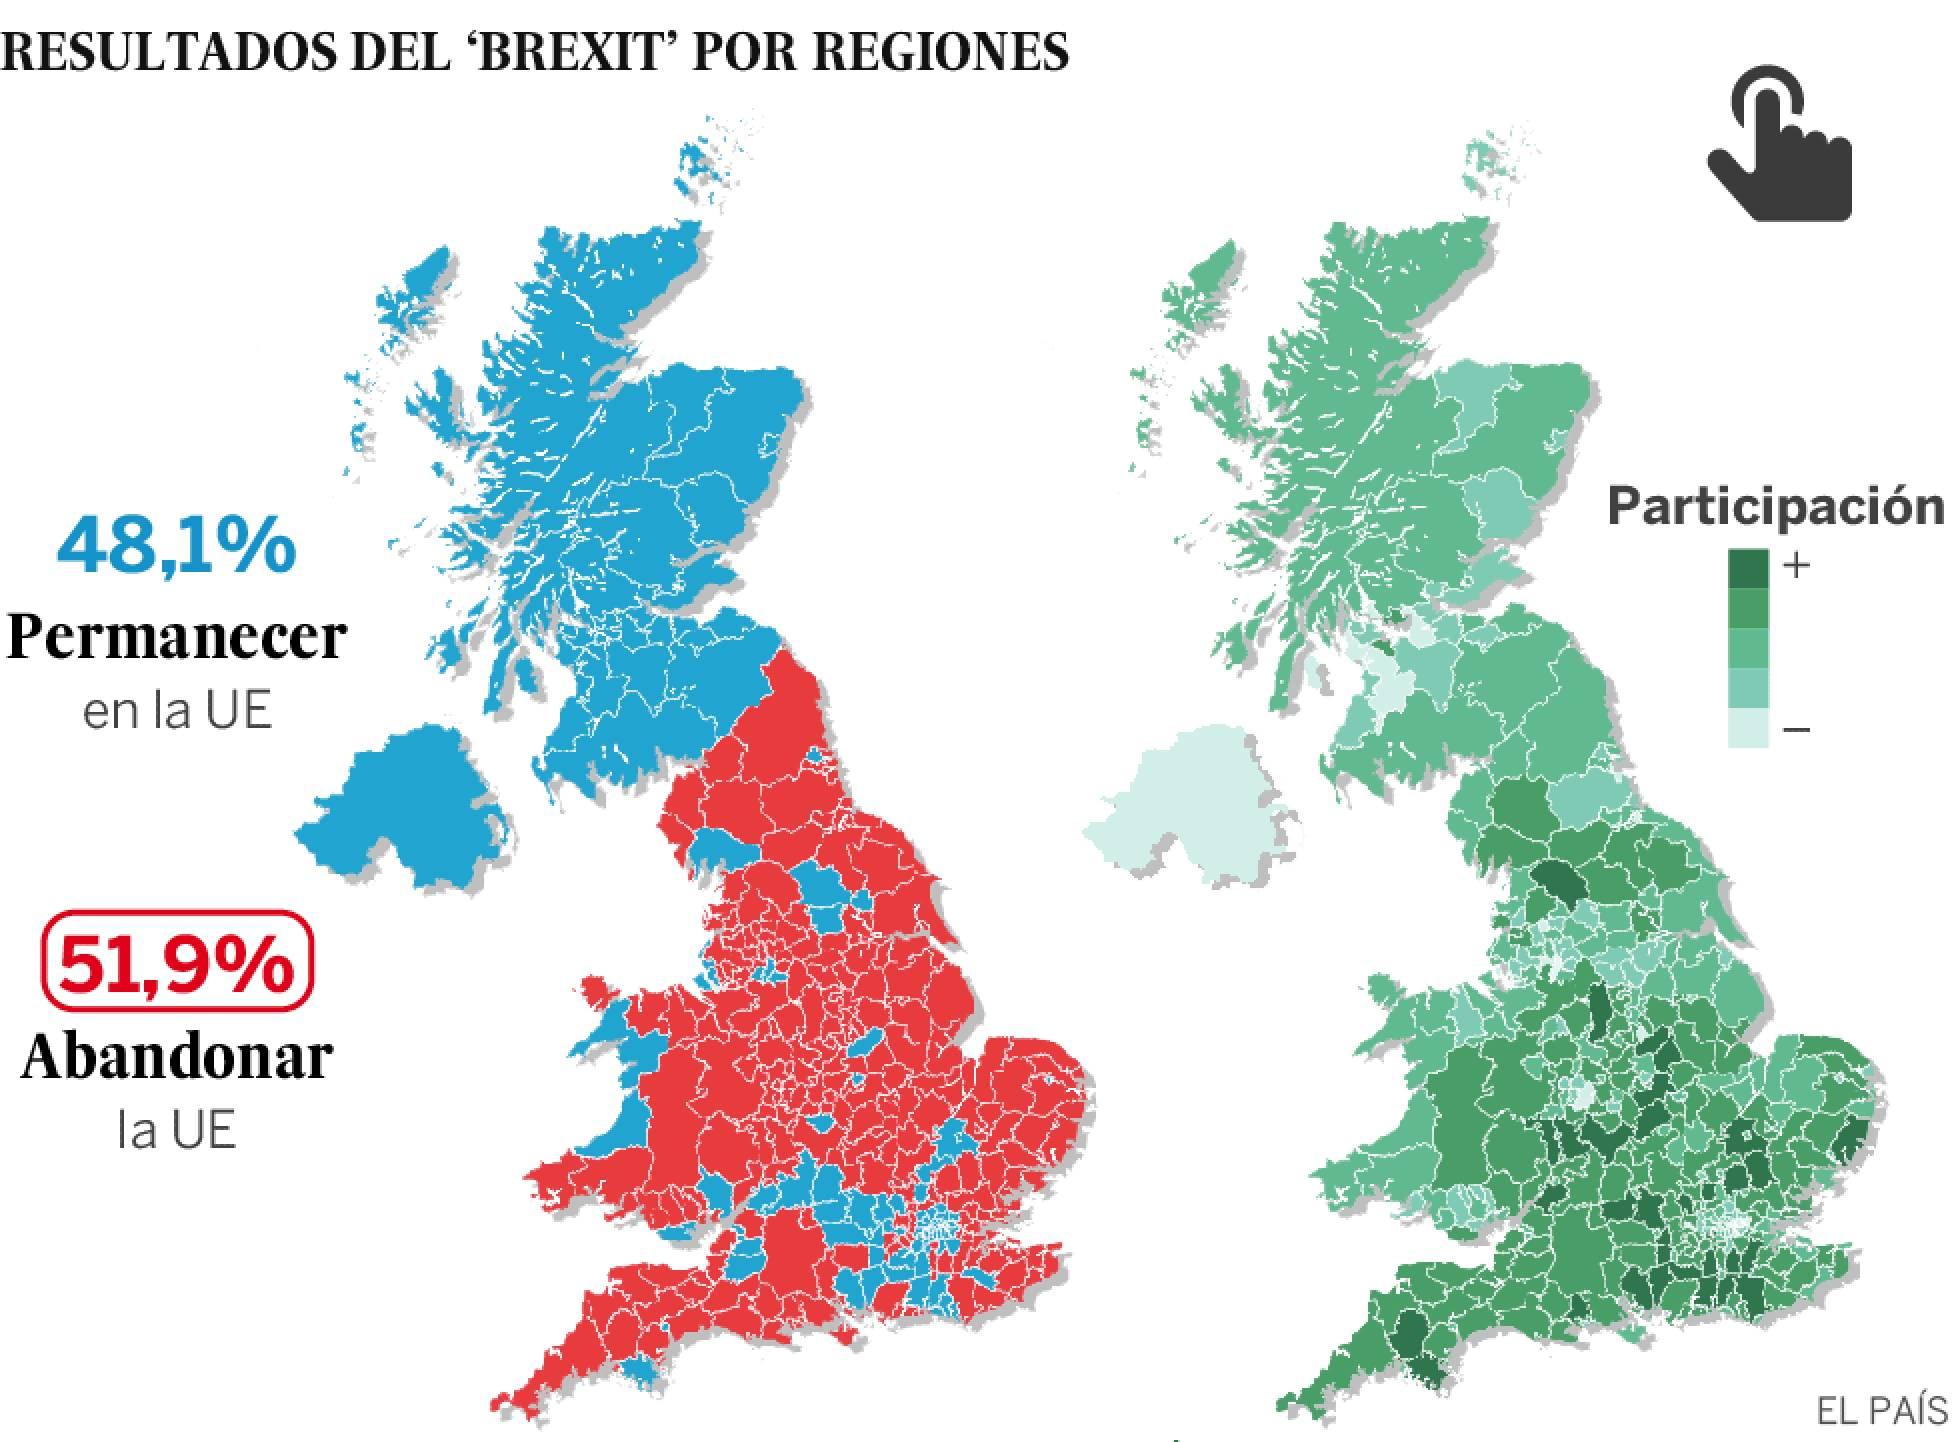 El Reino Unido abandonará la Unión Europea. Los partidarios del Brexit superan el 50 % de los votos en el referéndum y hablan del «día de la independencia británica». 1466741749_403437_1466767678_sumario_normal_recorte1